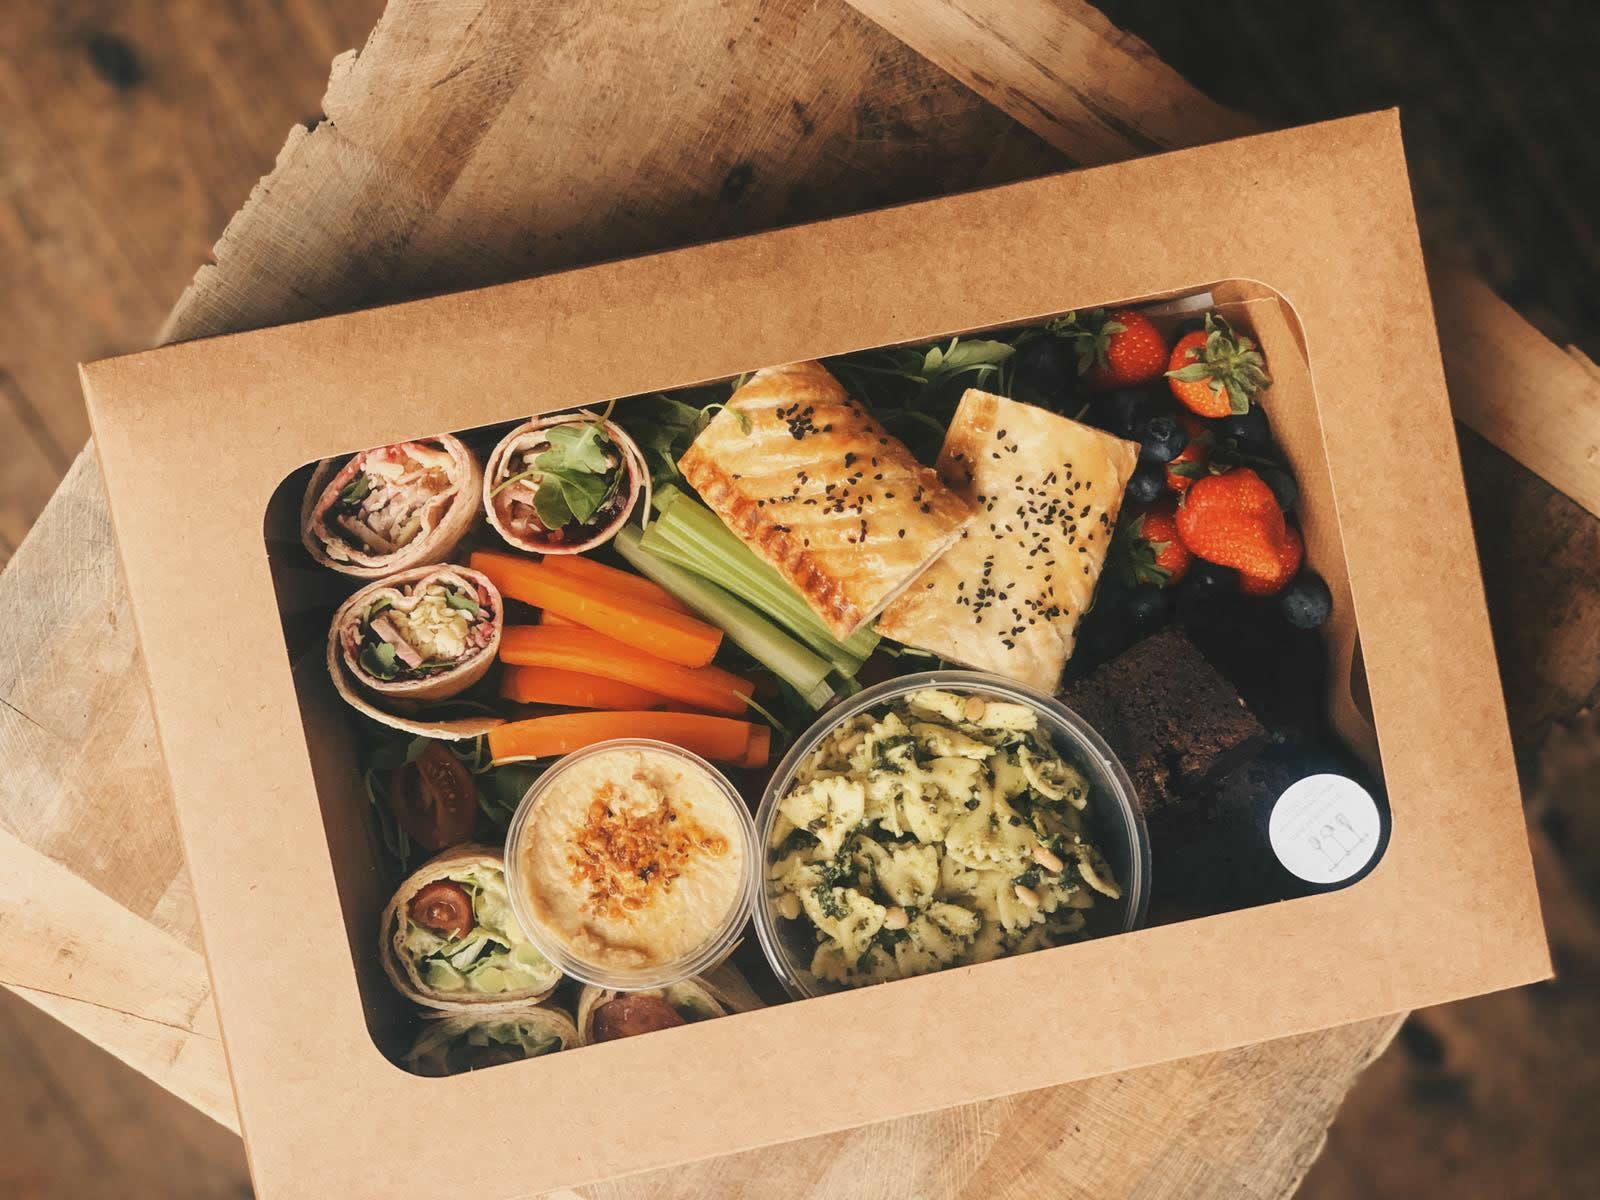 picnic box lid